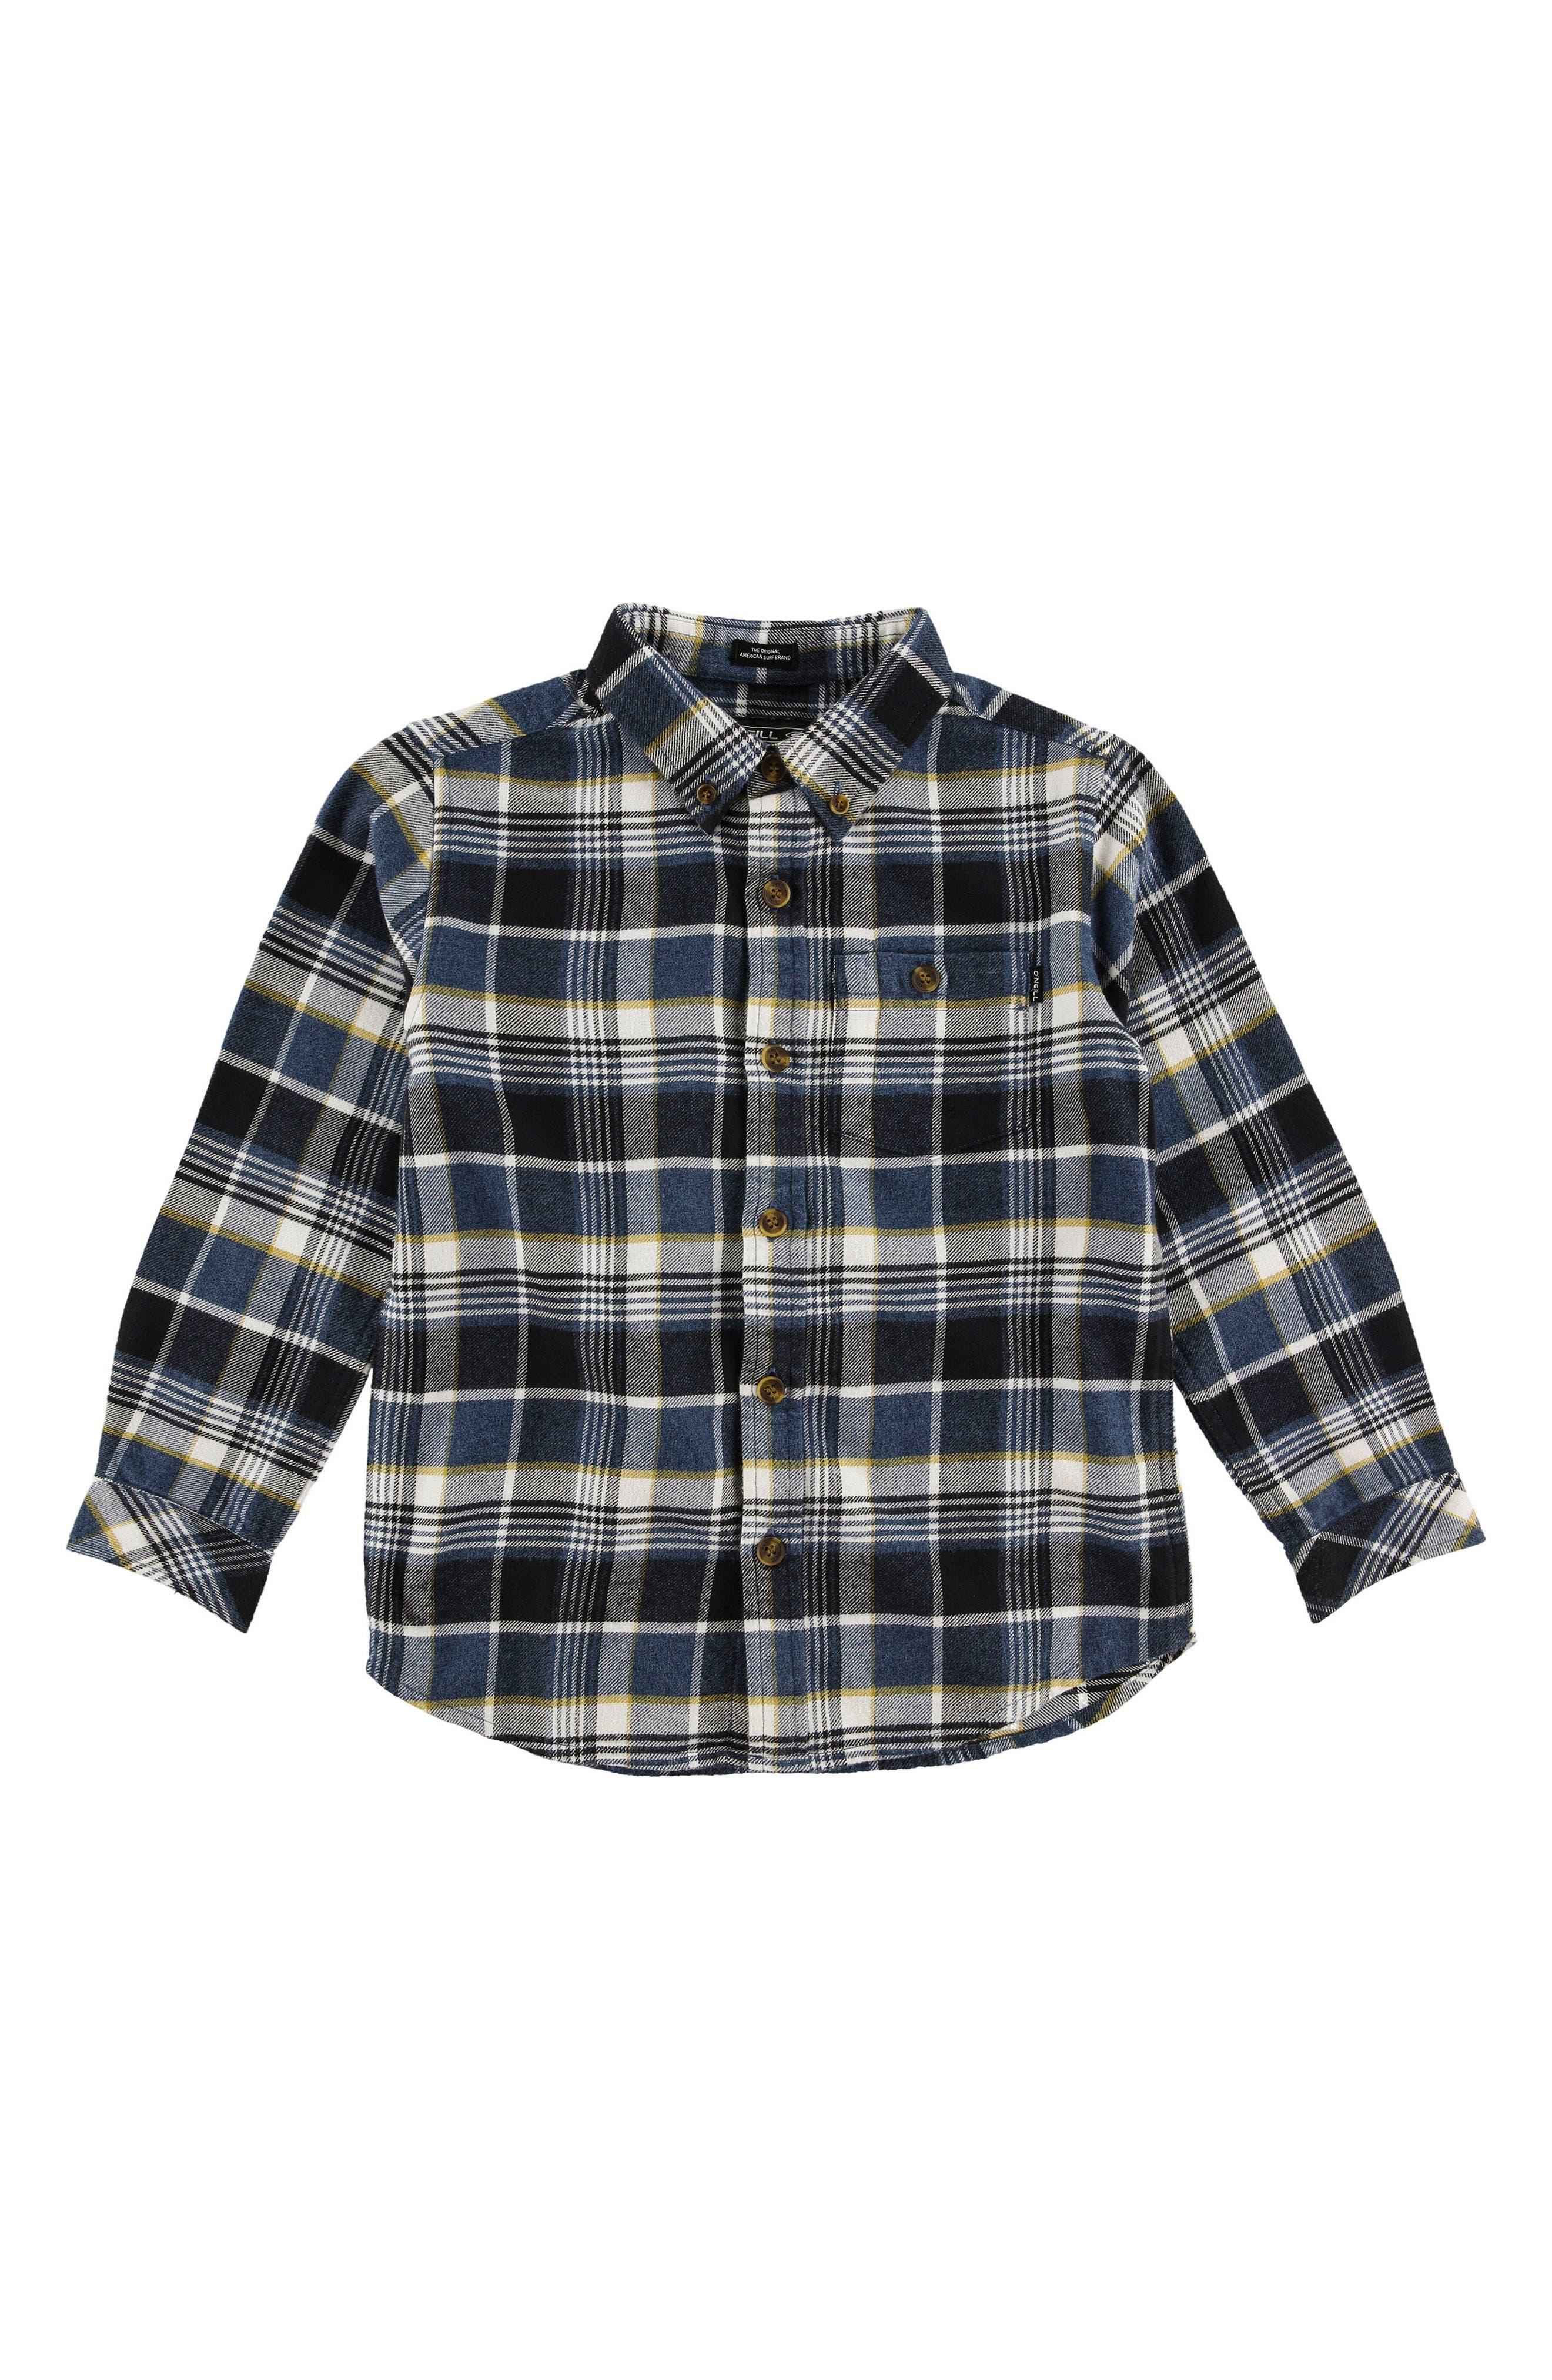 O'Neill Redmond Flannel Shirt (Toddler Boys)